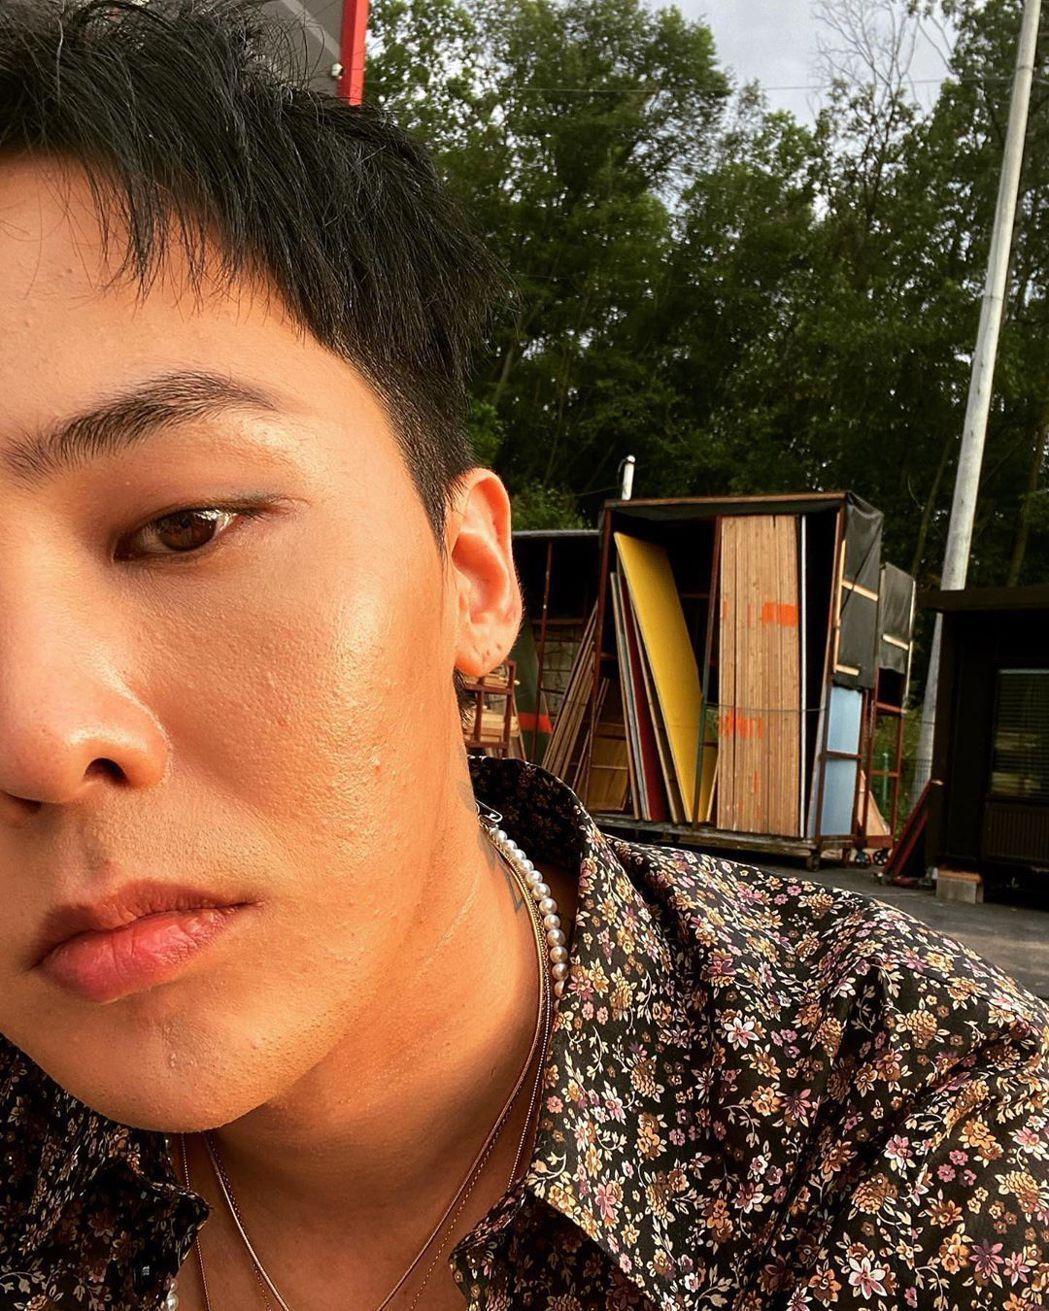 GD常在自己的IG上傳半臉的自拍照。 圖/擷自GD IG